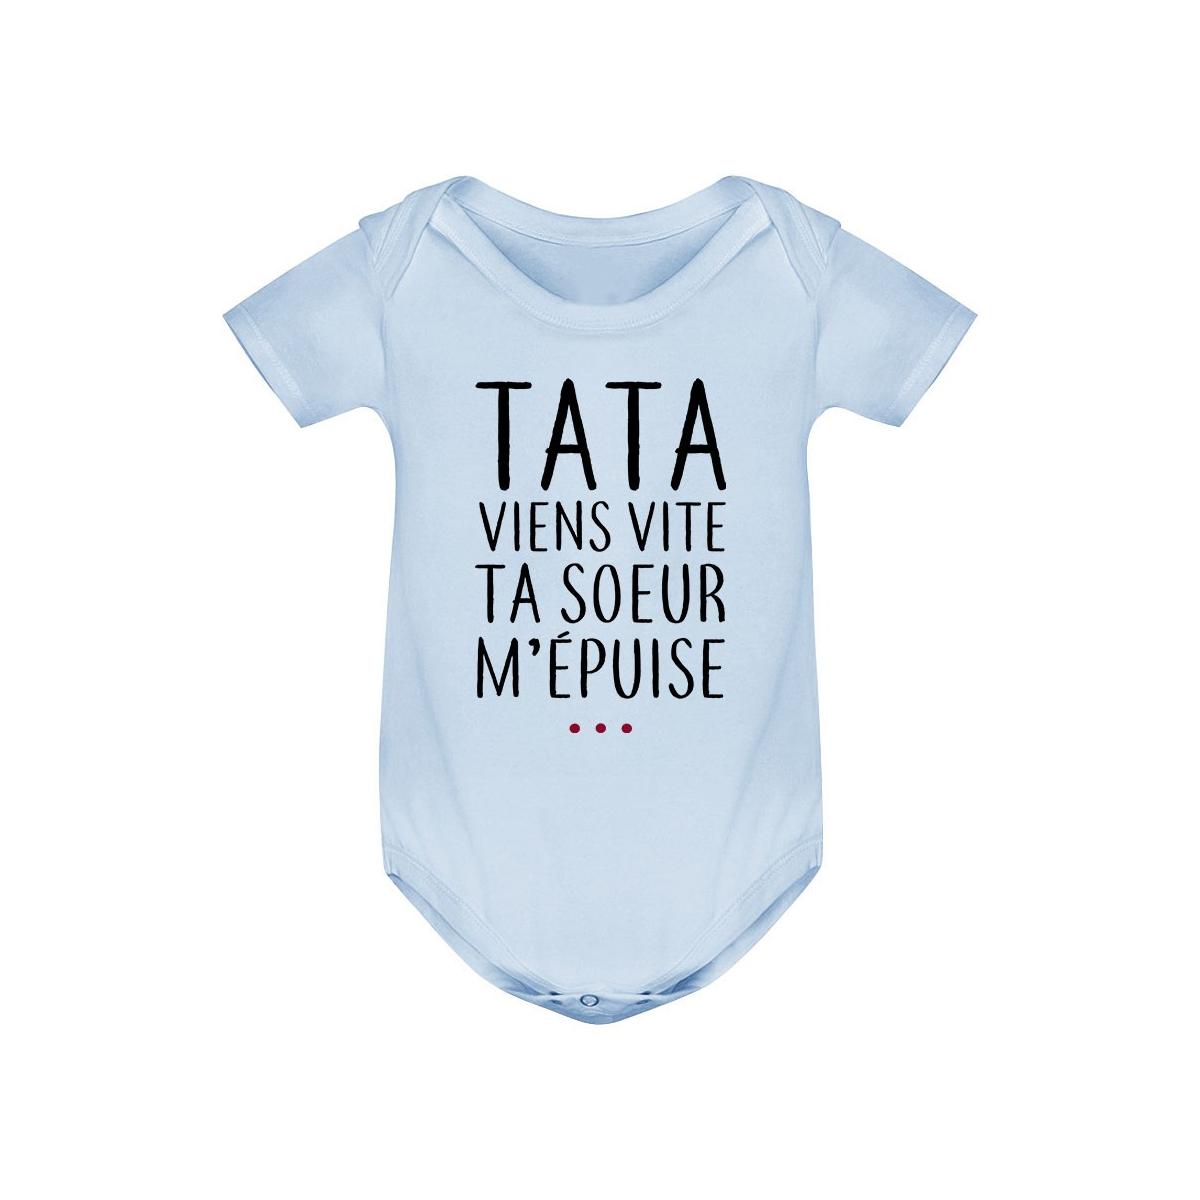 Body bébé Tata viens vite ta soeur m'épuise